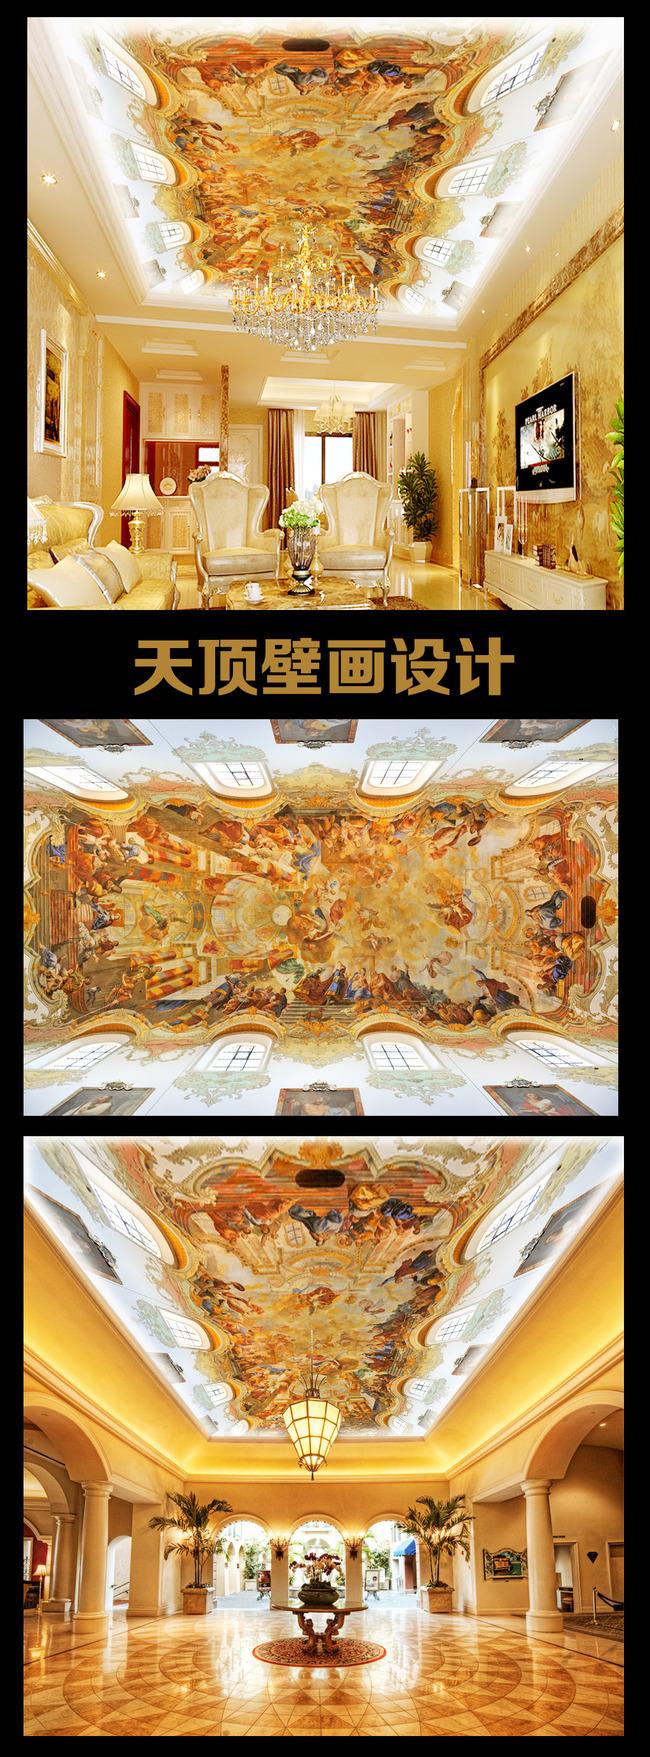 【tif不分】欧式皇室高清天顶集成吊顶天花板墙纸壁画